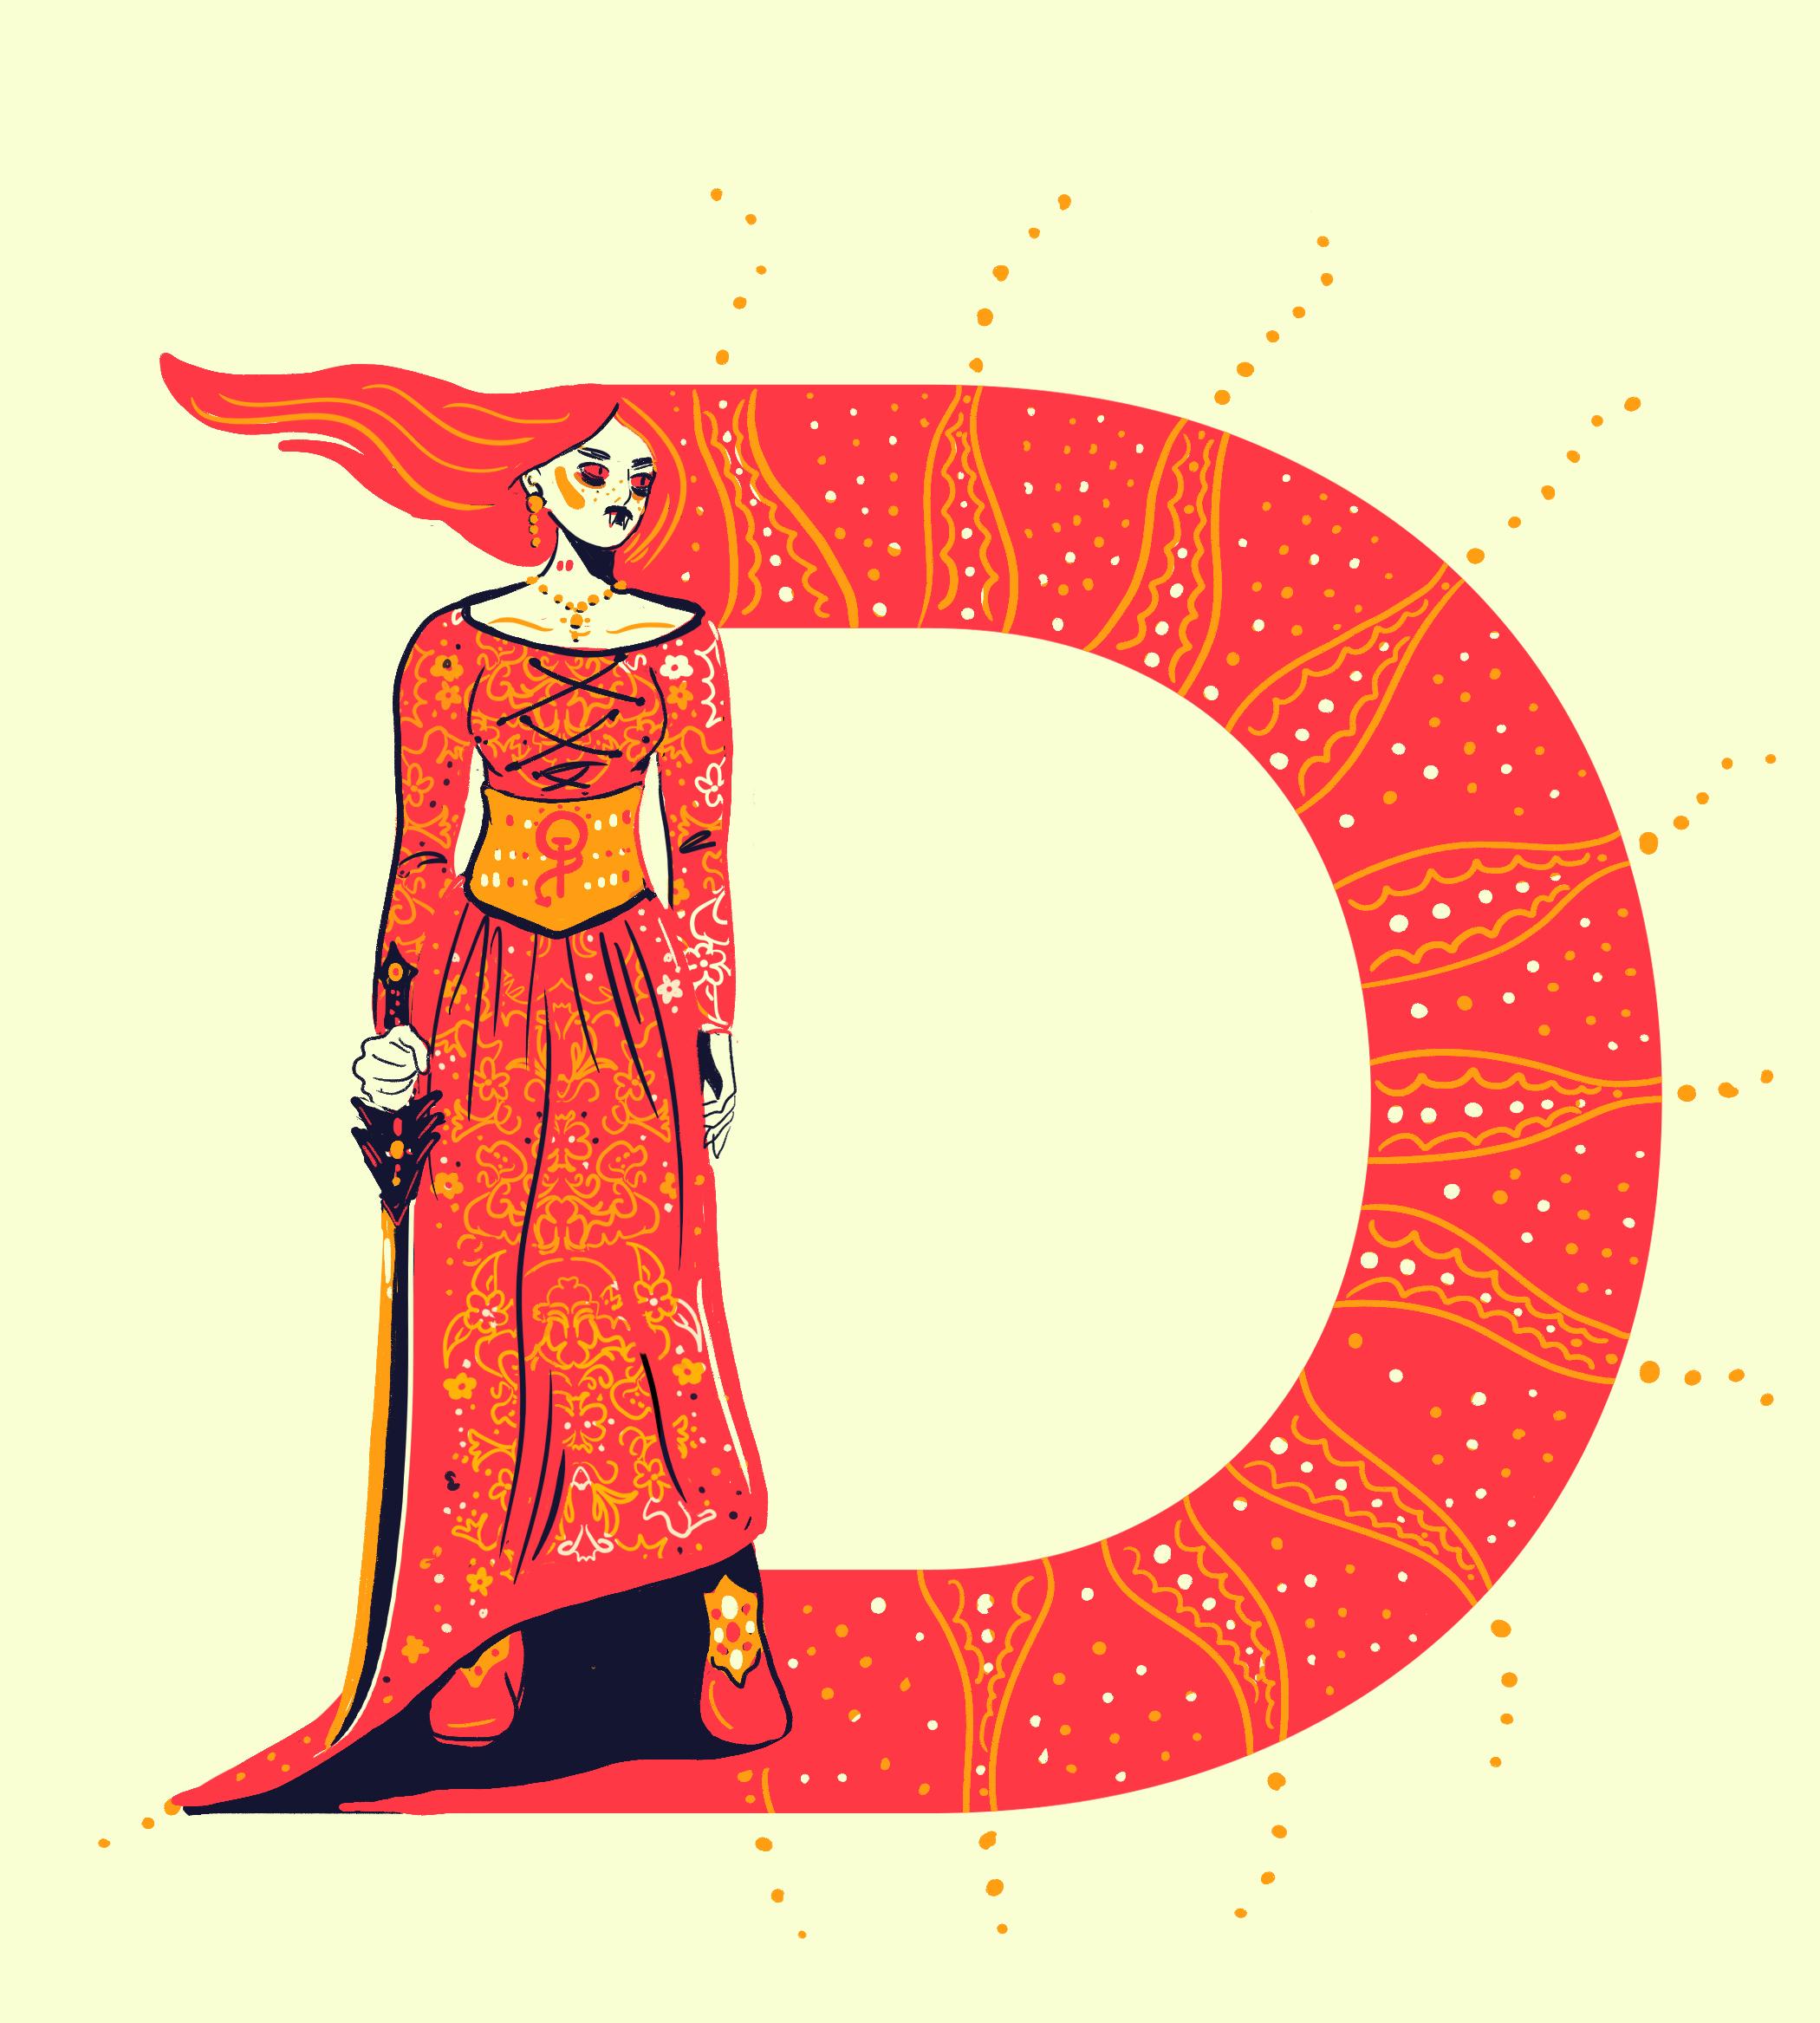 D is for Daywalker